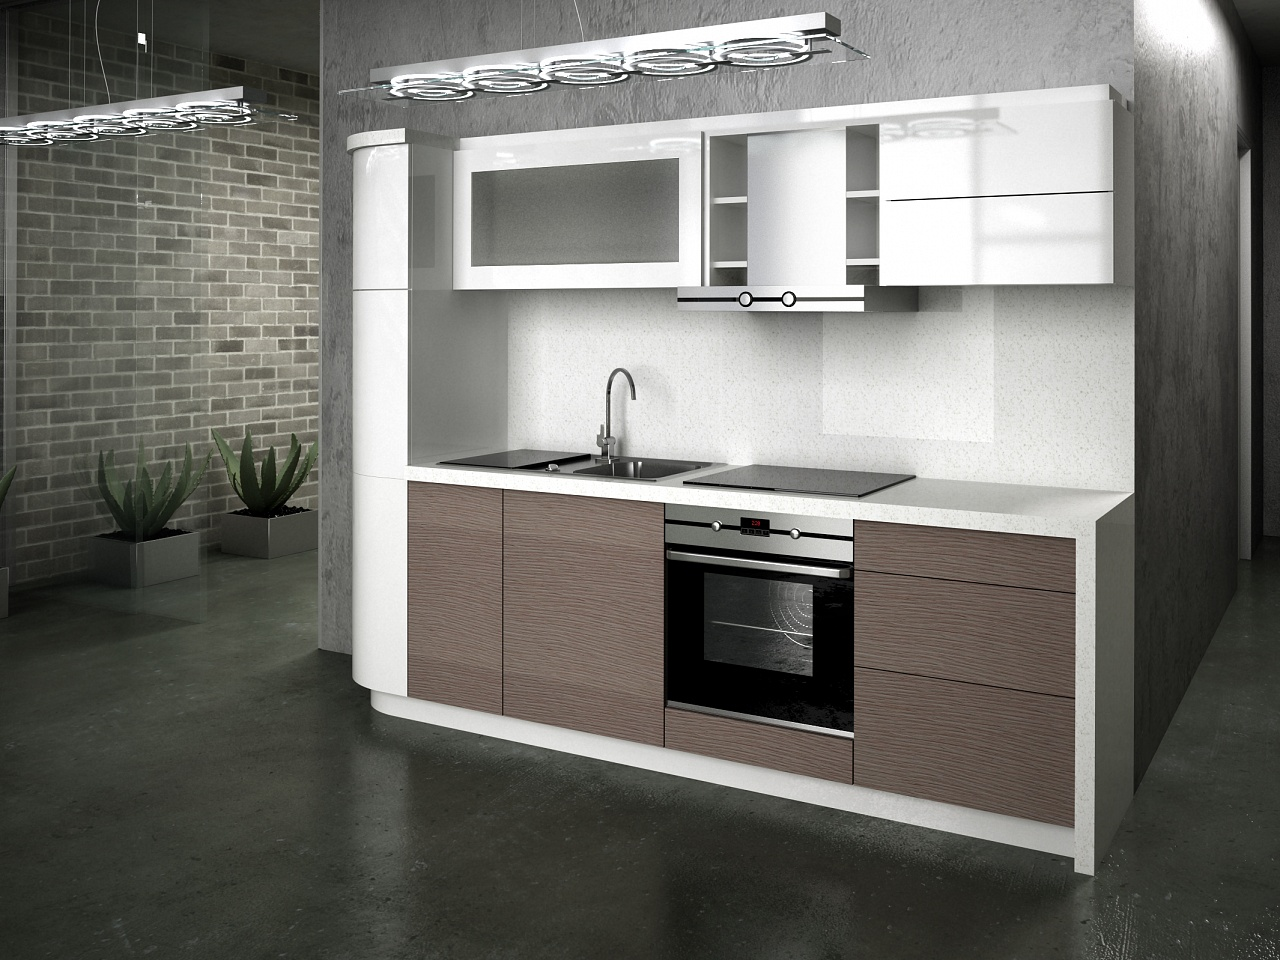 Modern Outdoor Kitchen Ideas Tydz Design On Vine